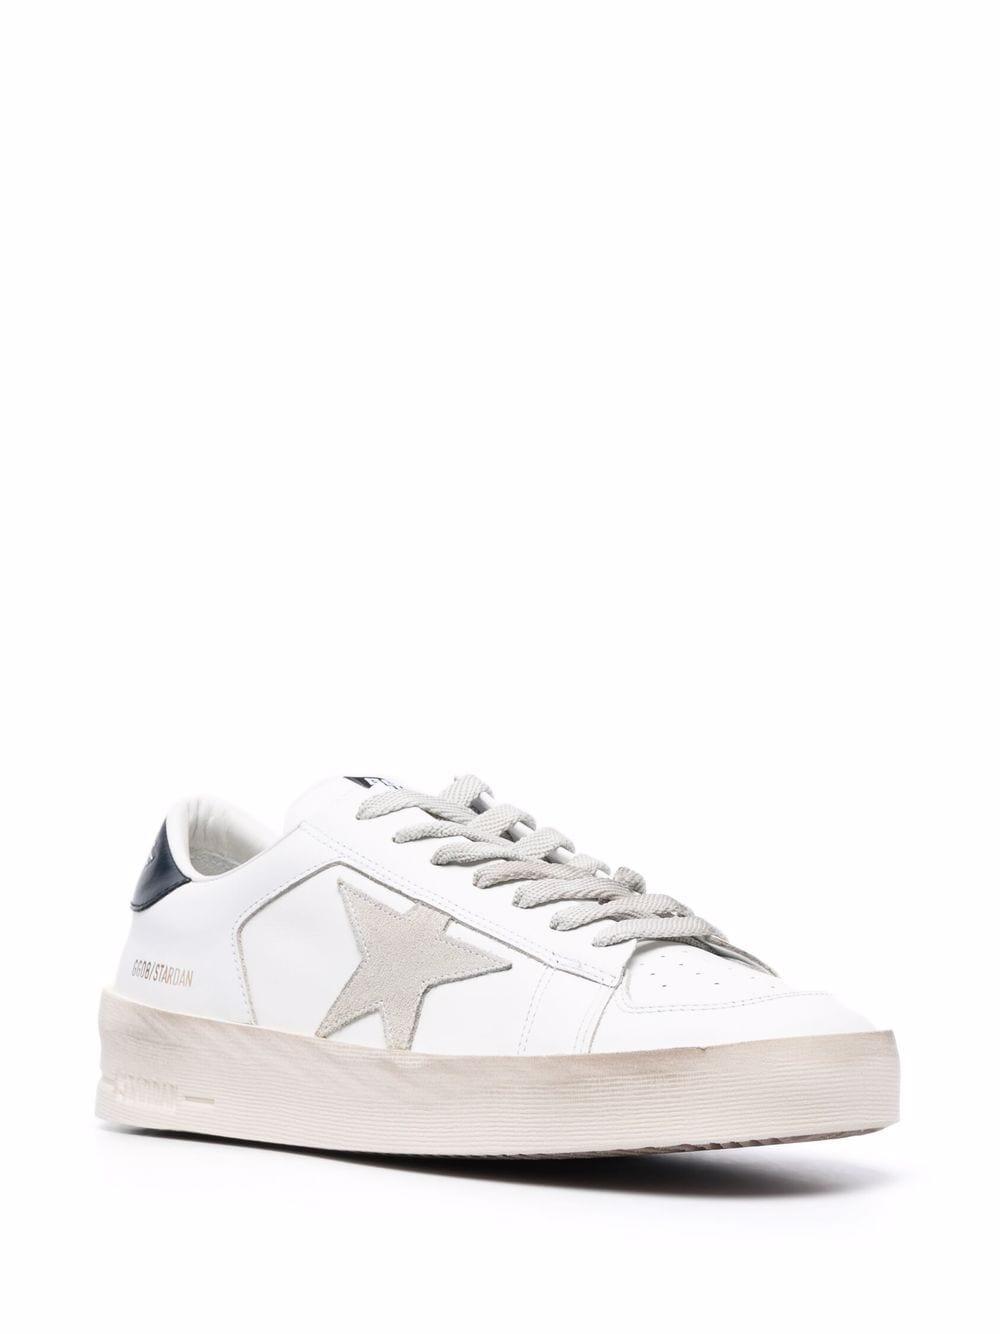 Picture of Golden Goose Deluxe Brand   Stardan Low-Top Sneakers